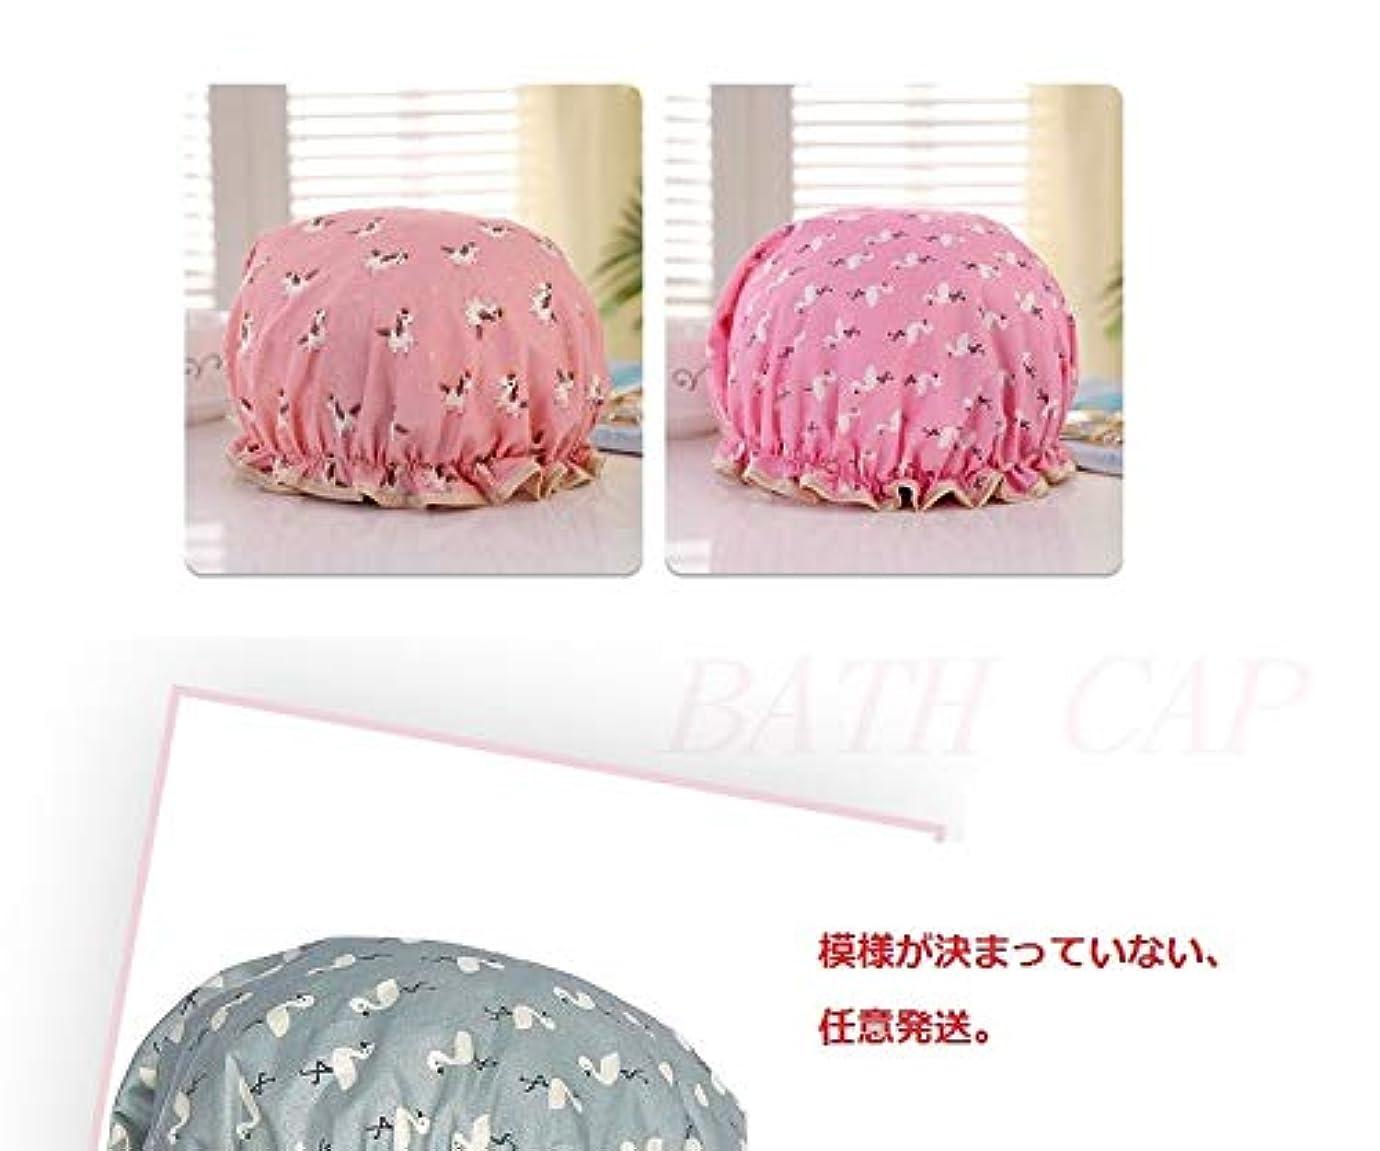 Bijou Cat シャワーキャップ 二層 ピンクぽい